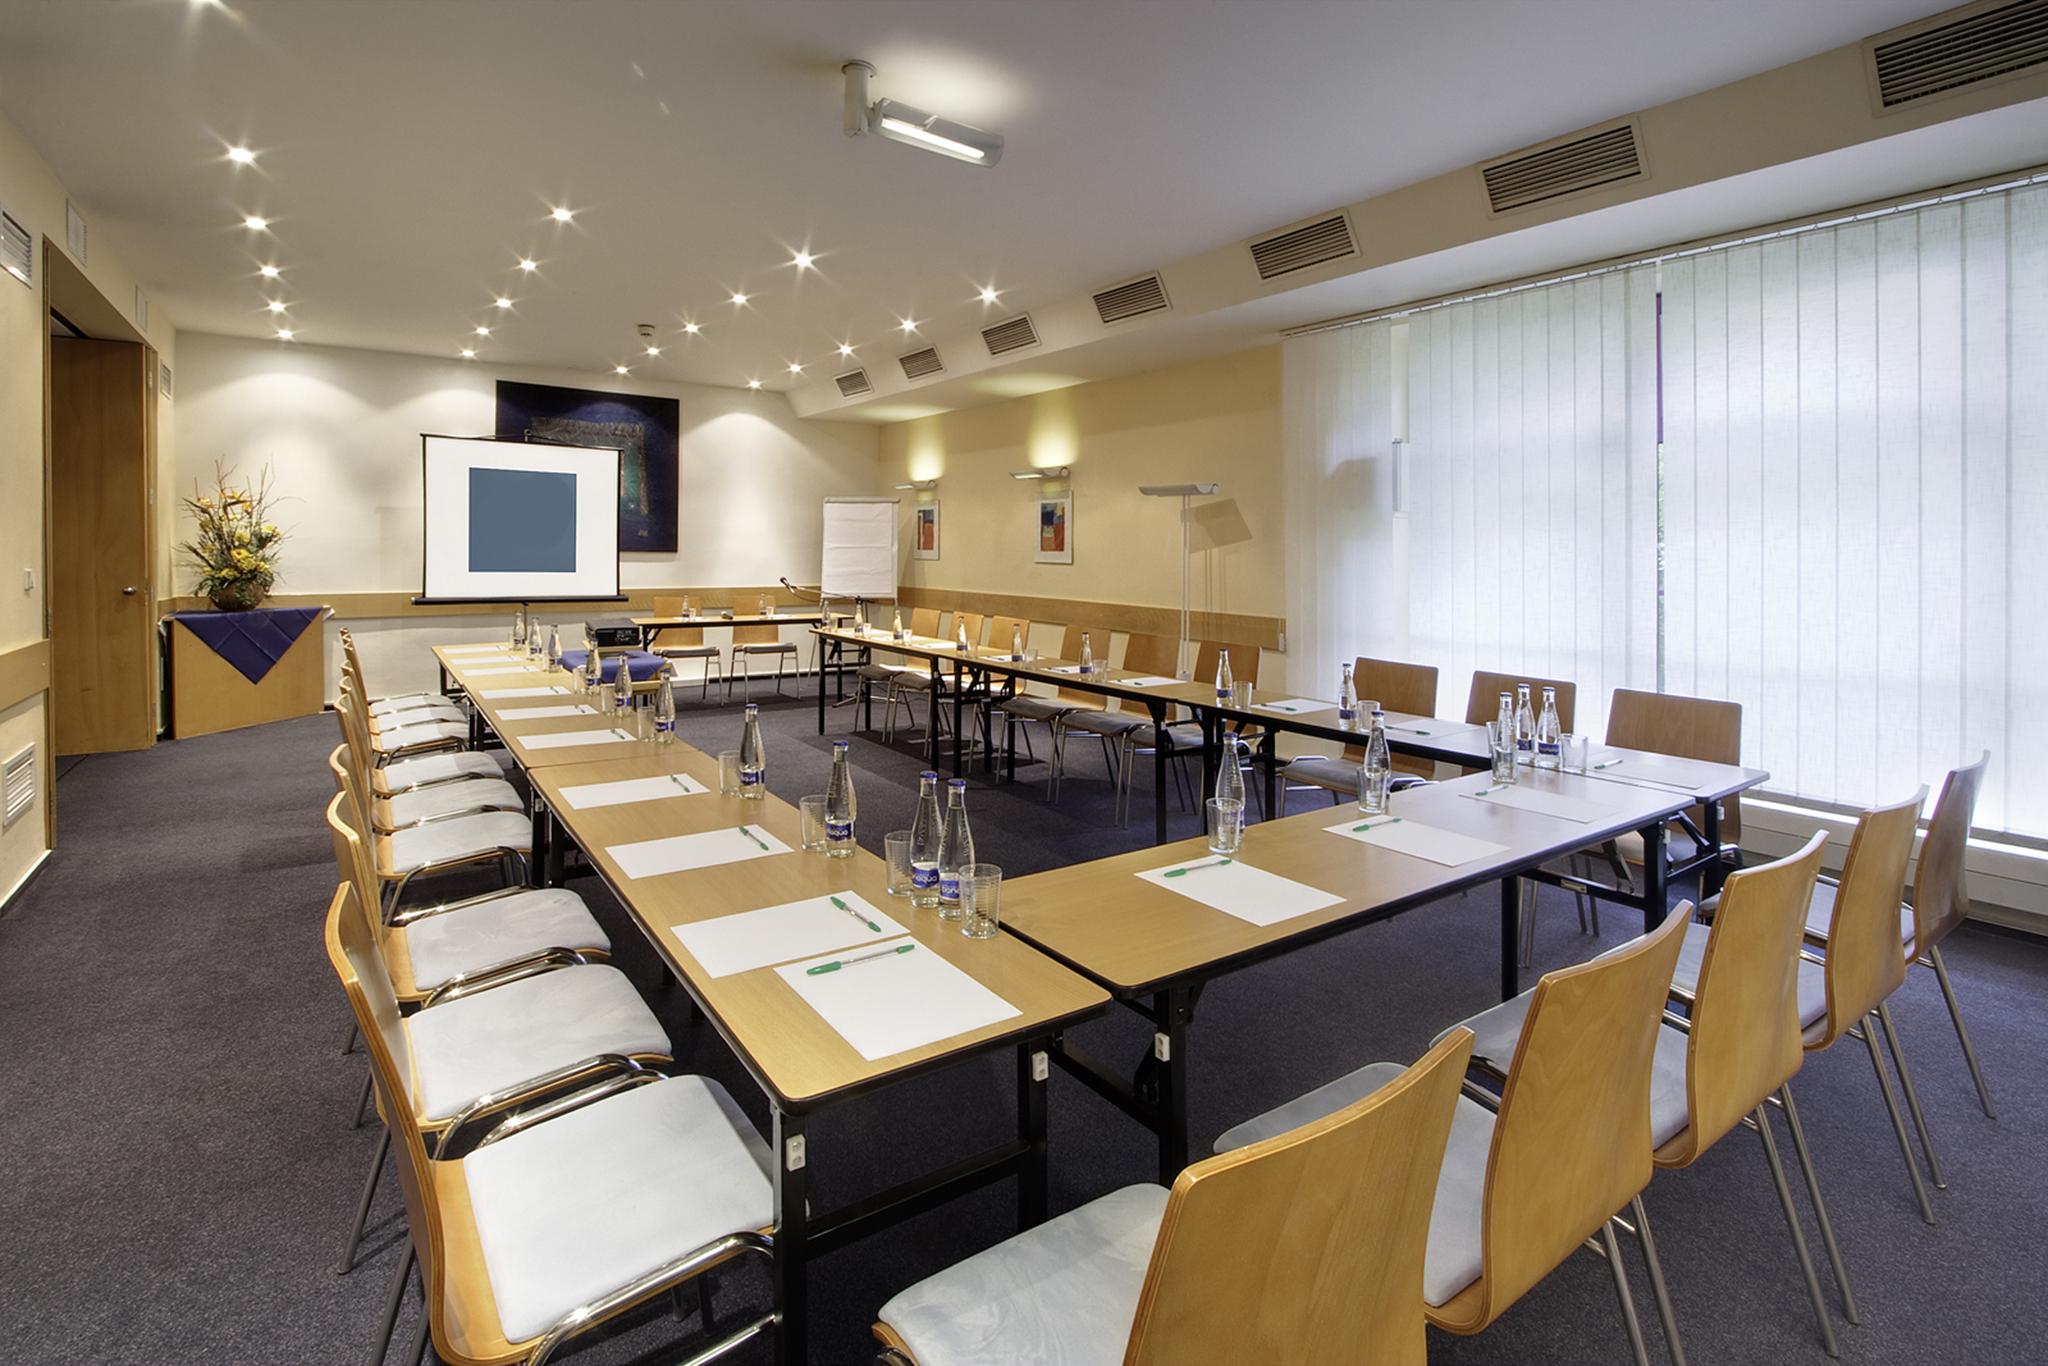 Conselho Executivo | Pedida redução ou eliminação de deputados